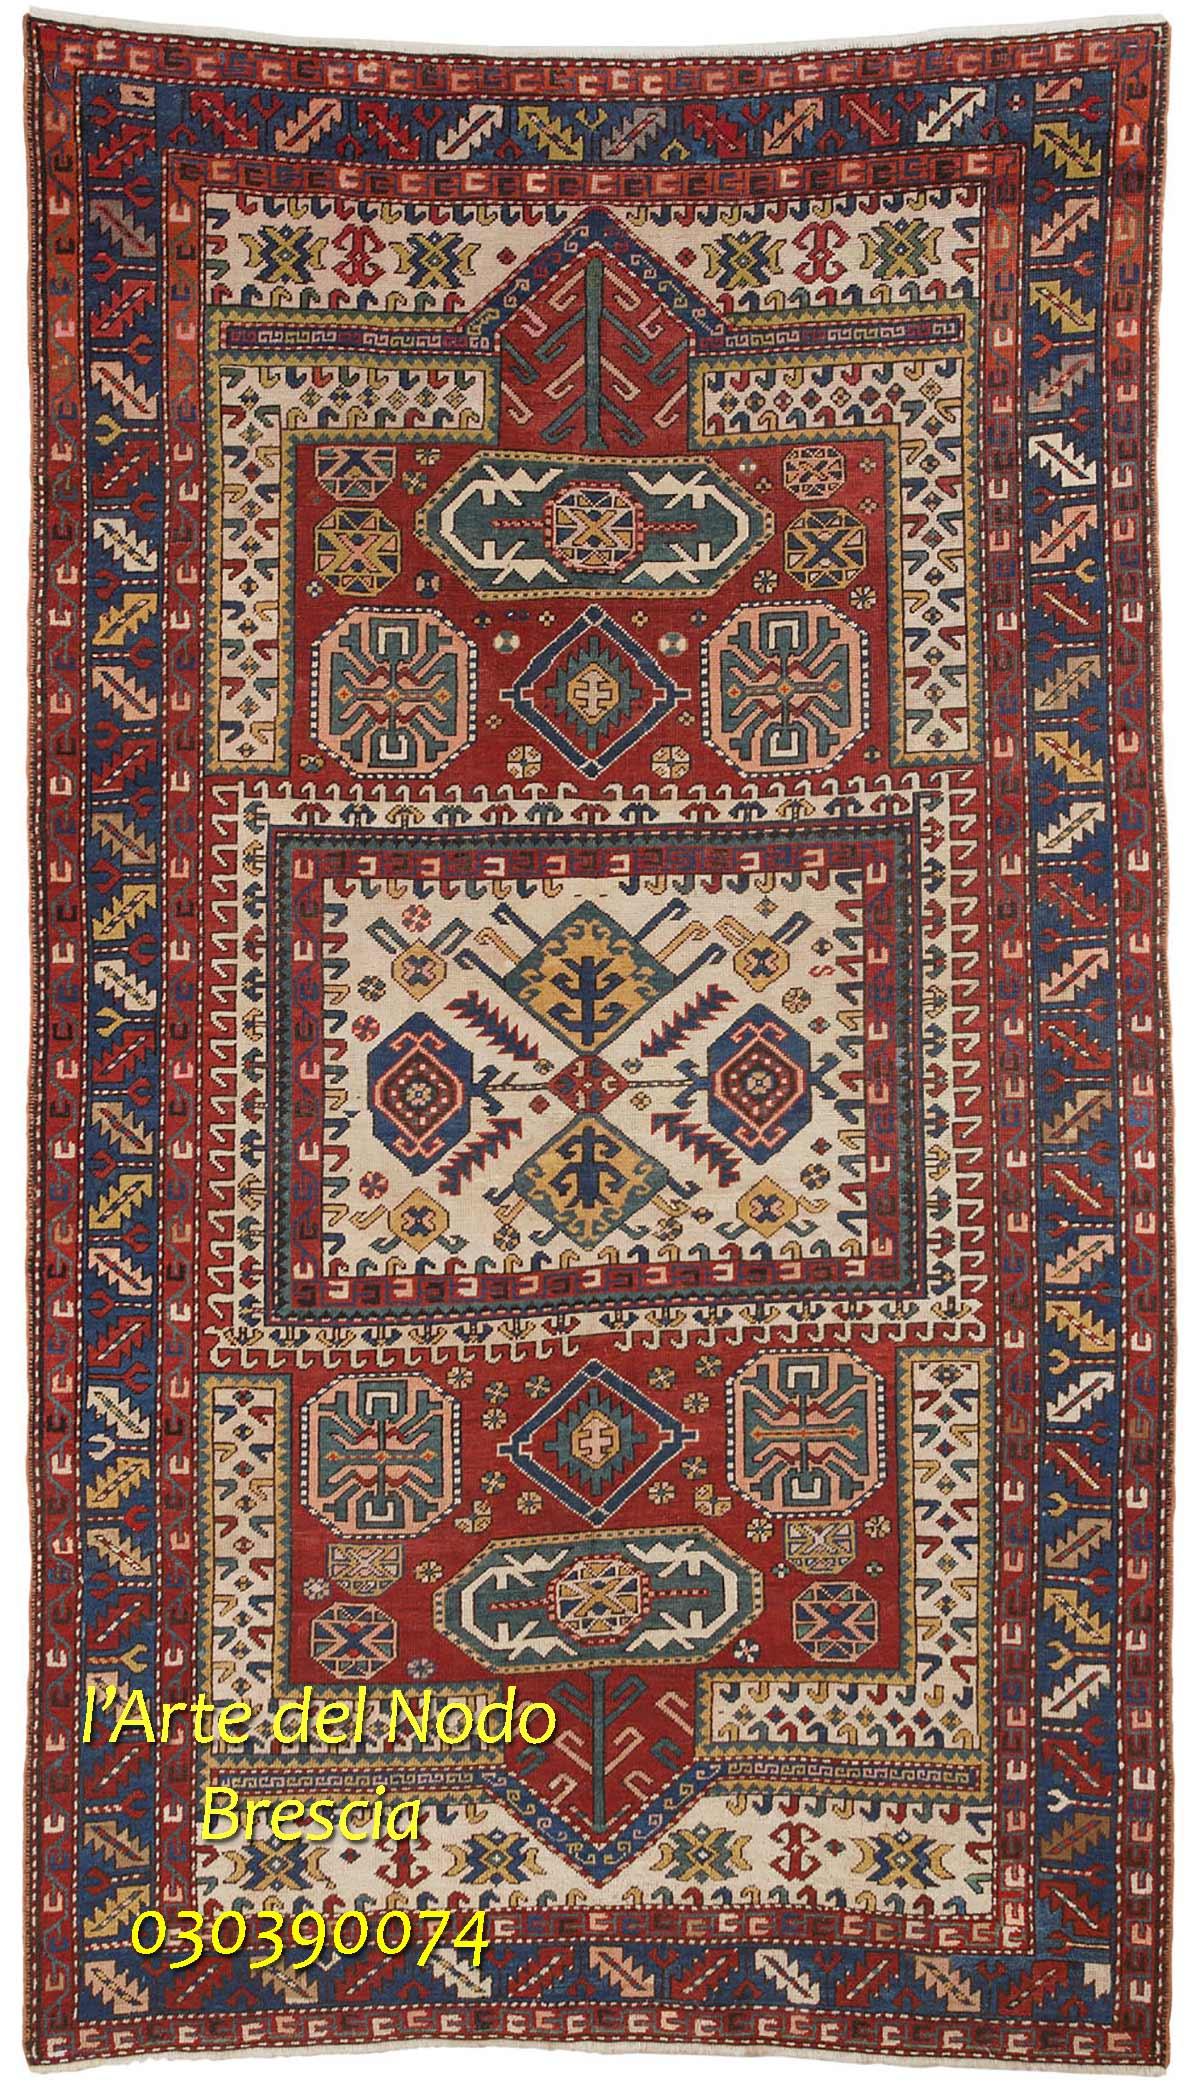 Arte Del Nodo brescia,vendita tappeti persiani e pregiati a ...